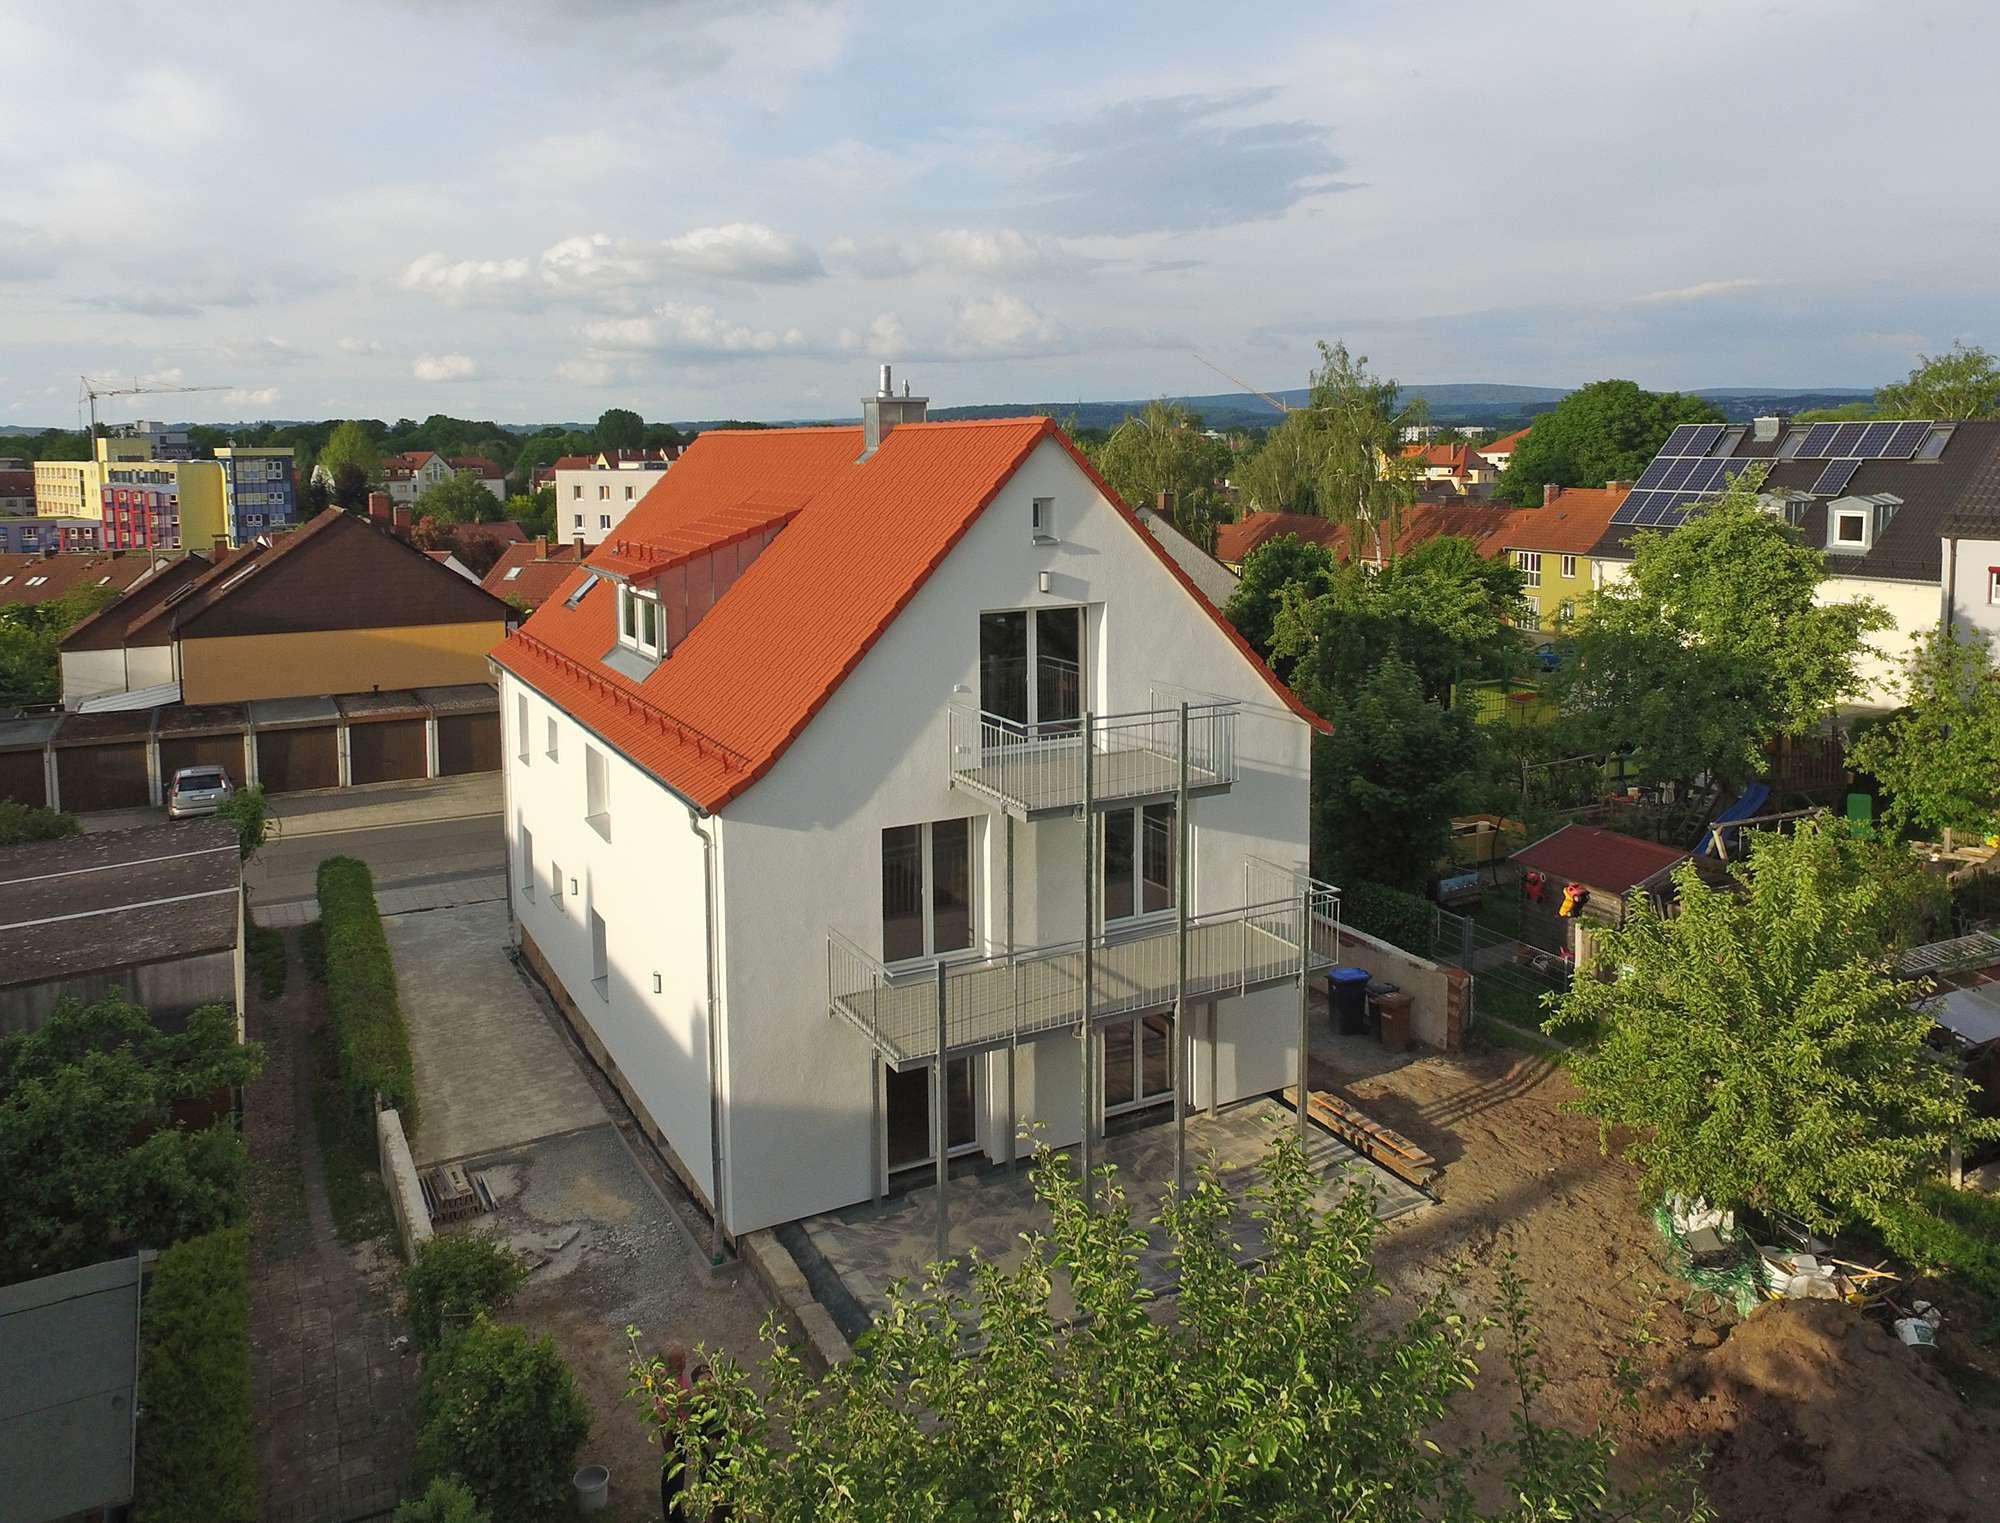 Totalsanierte 4-Zimmer-OG-Mietwohnung mit großem Balkon in Birken-Bestlage, frei ab sofort!